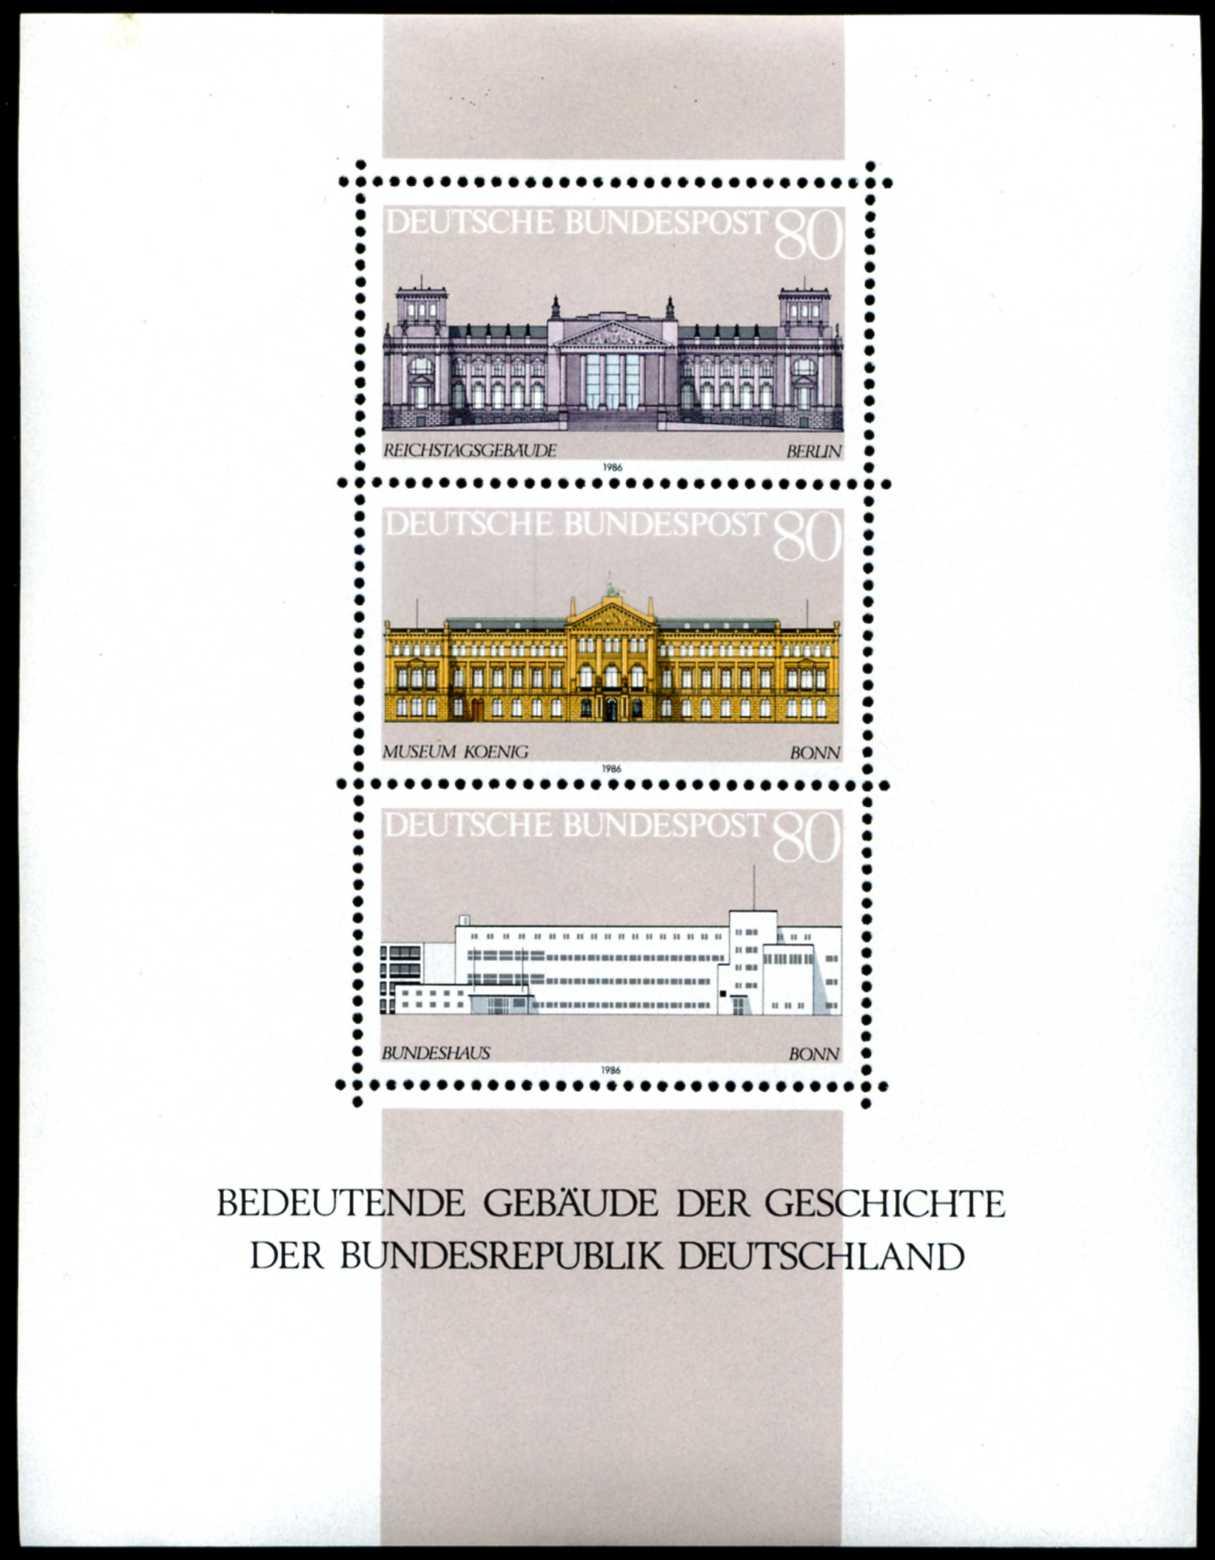 DE 335 1986 Bedeutende Gebäude 1.jpg